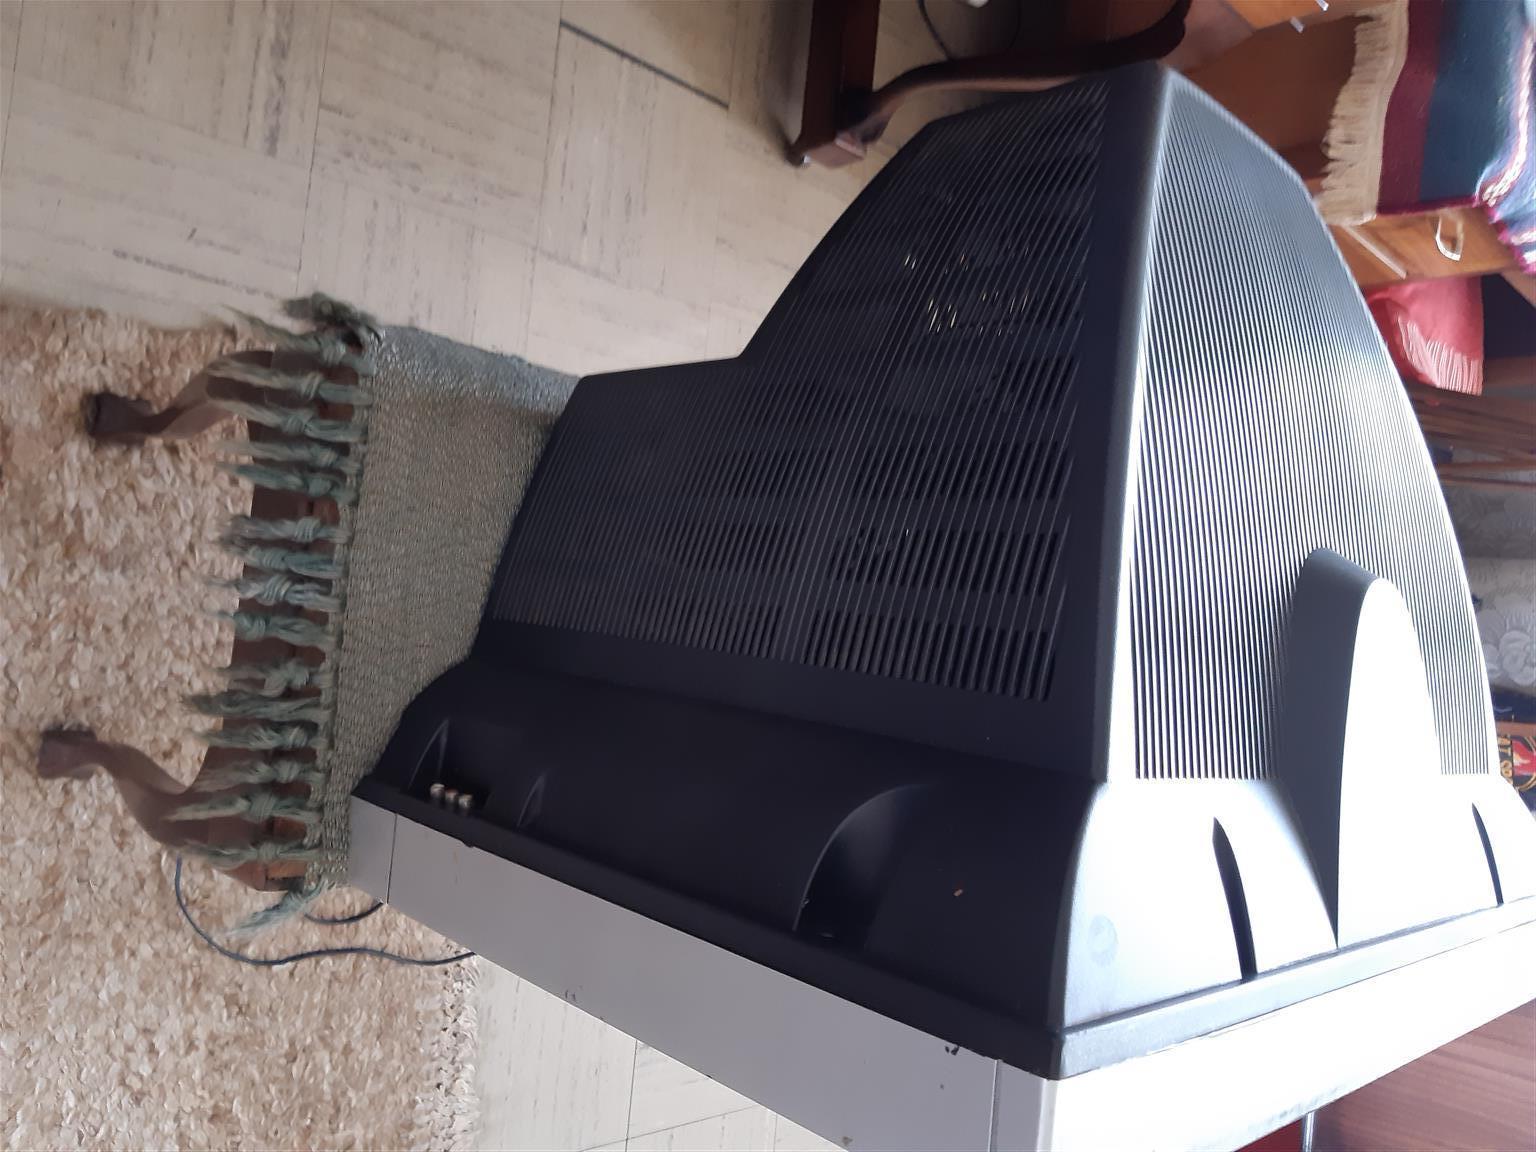 Box type tv